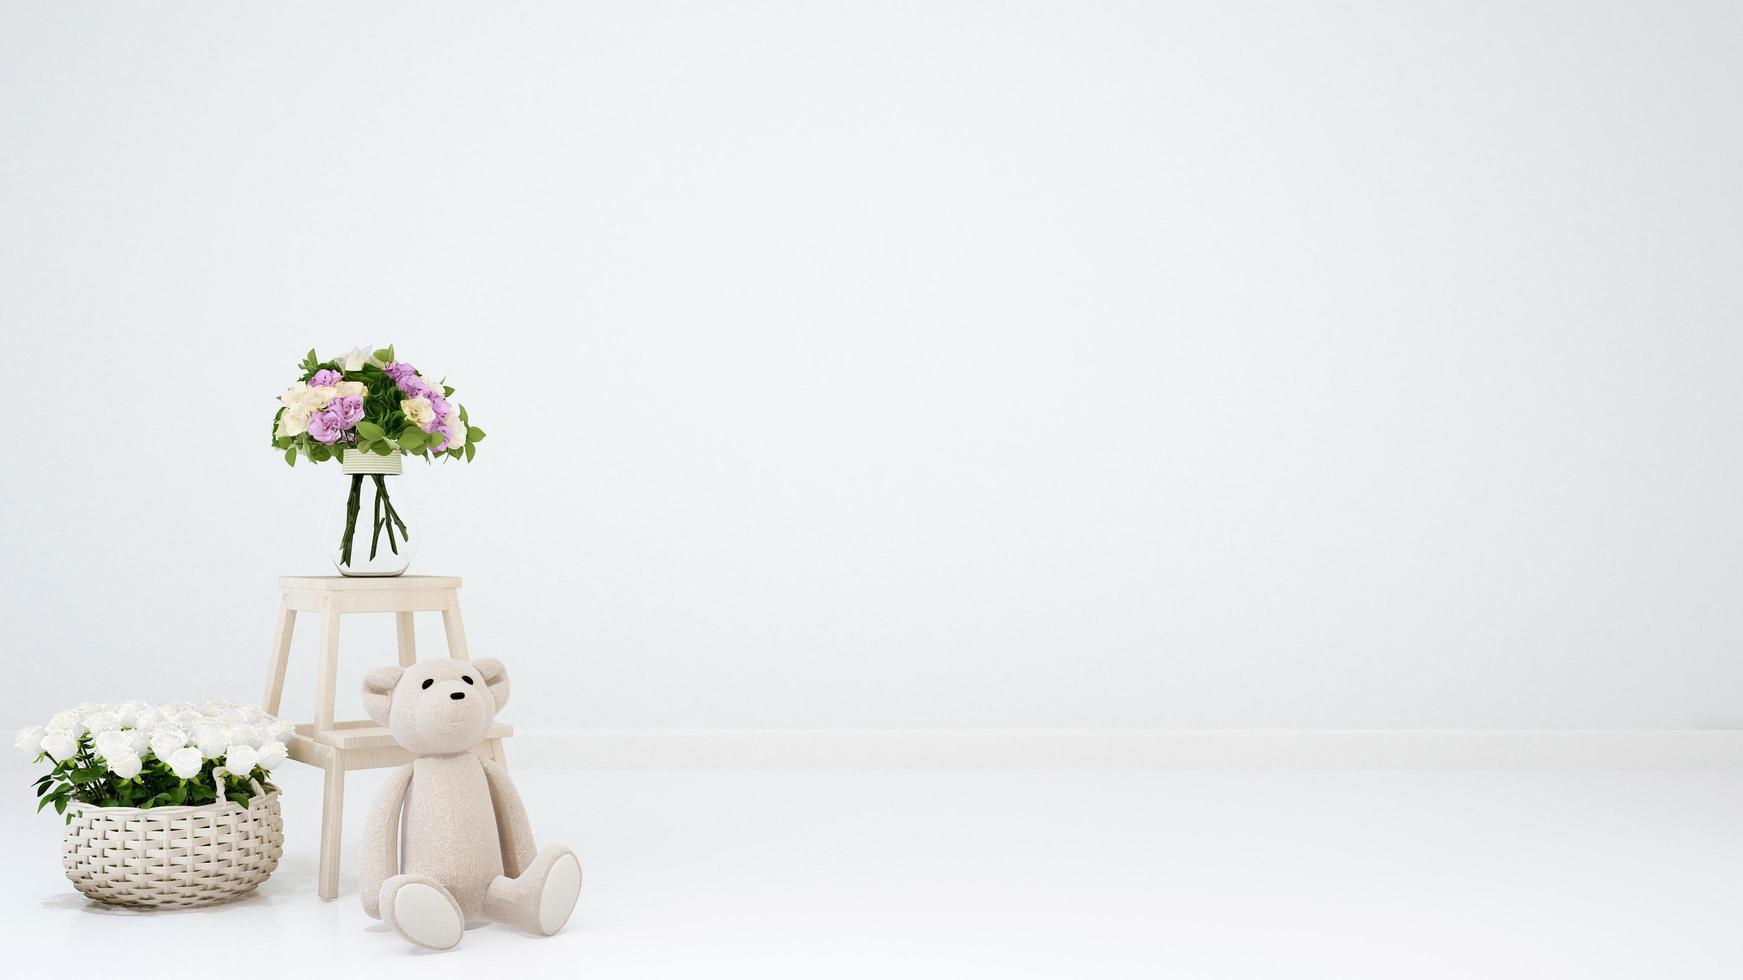 nalle och blomma för konstverk foto